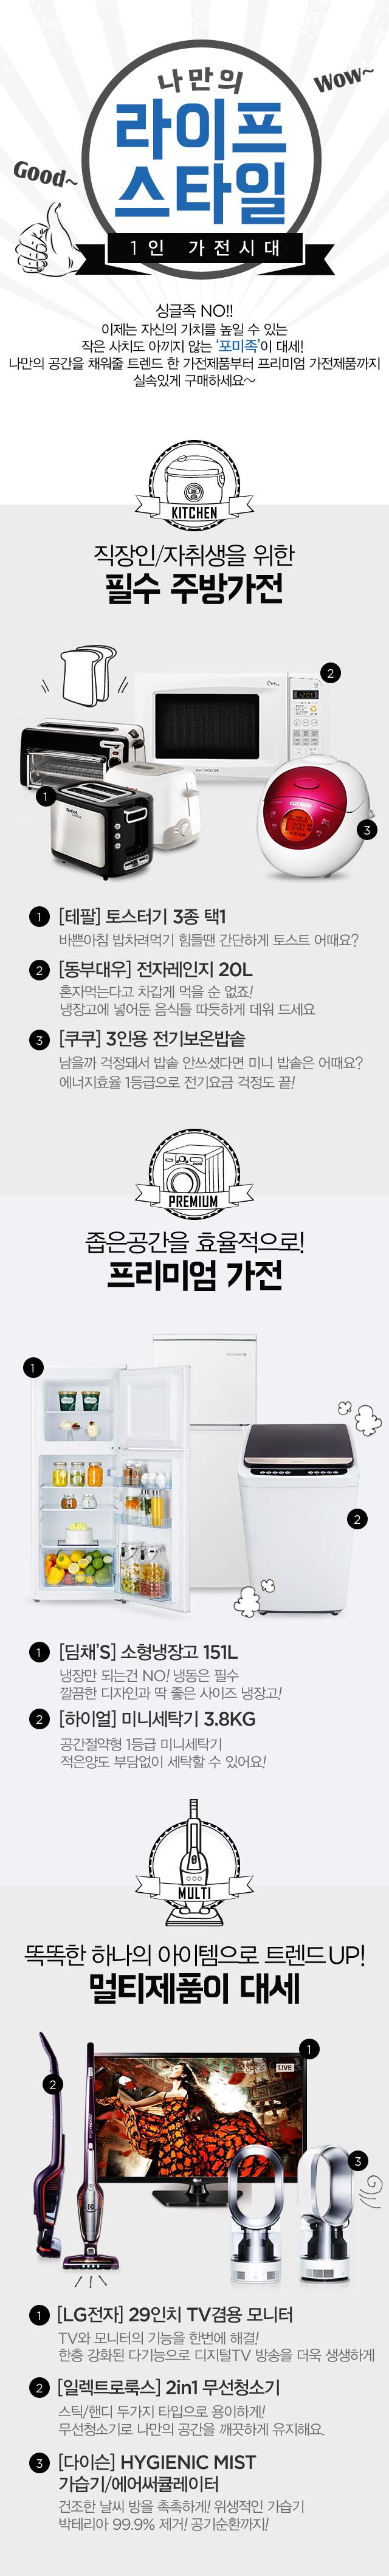 :::::롯데닷컴 스토리샵::::: 나만의 라이프스타일-1인 가전시대 Designed by 박지원